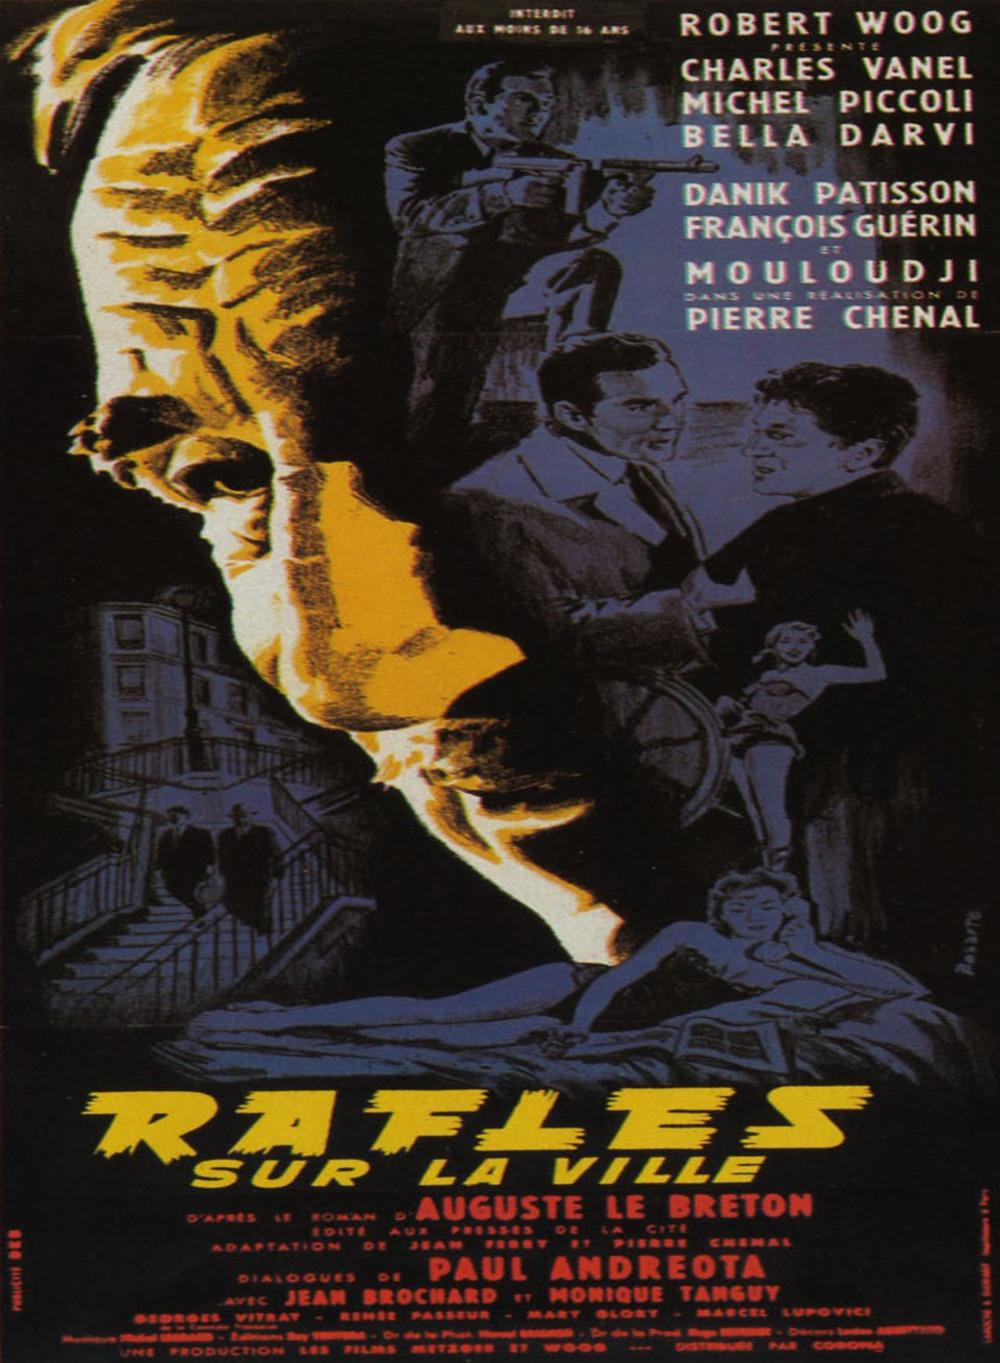 Raffles sur la ville (1958) ; Avec au générique Charles Vanel, Mouloudji,  Michel Piccoli, excusez du peu, et comme l'a dit J.J Bernard dans sa  présentation ...